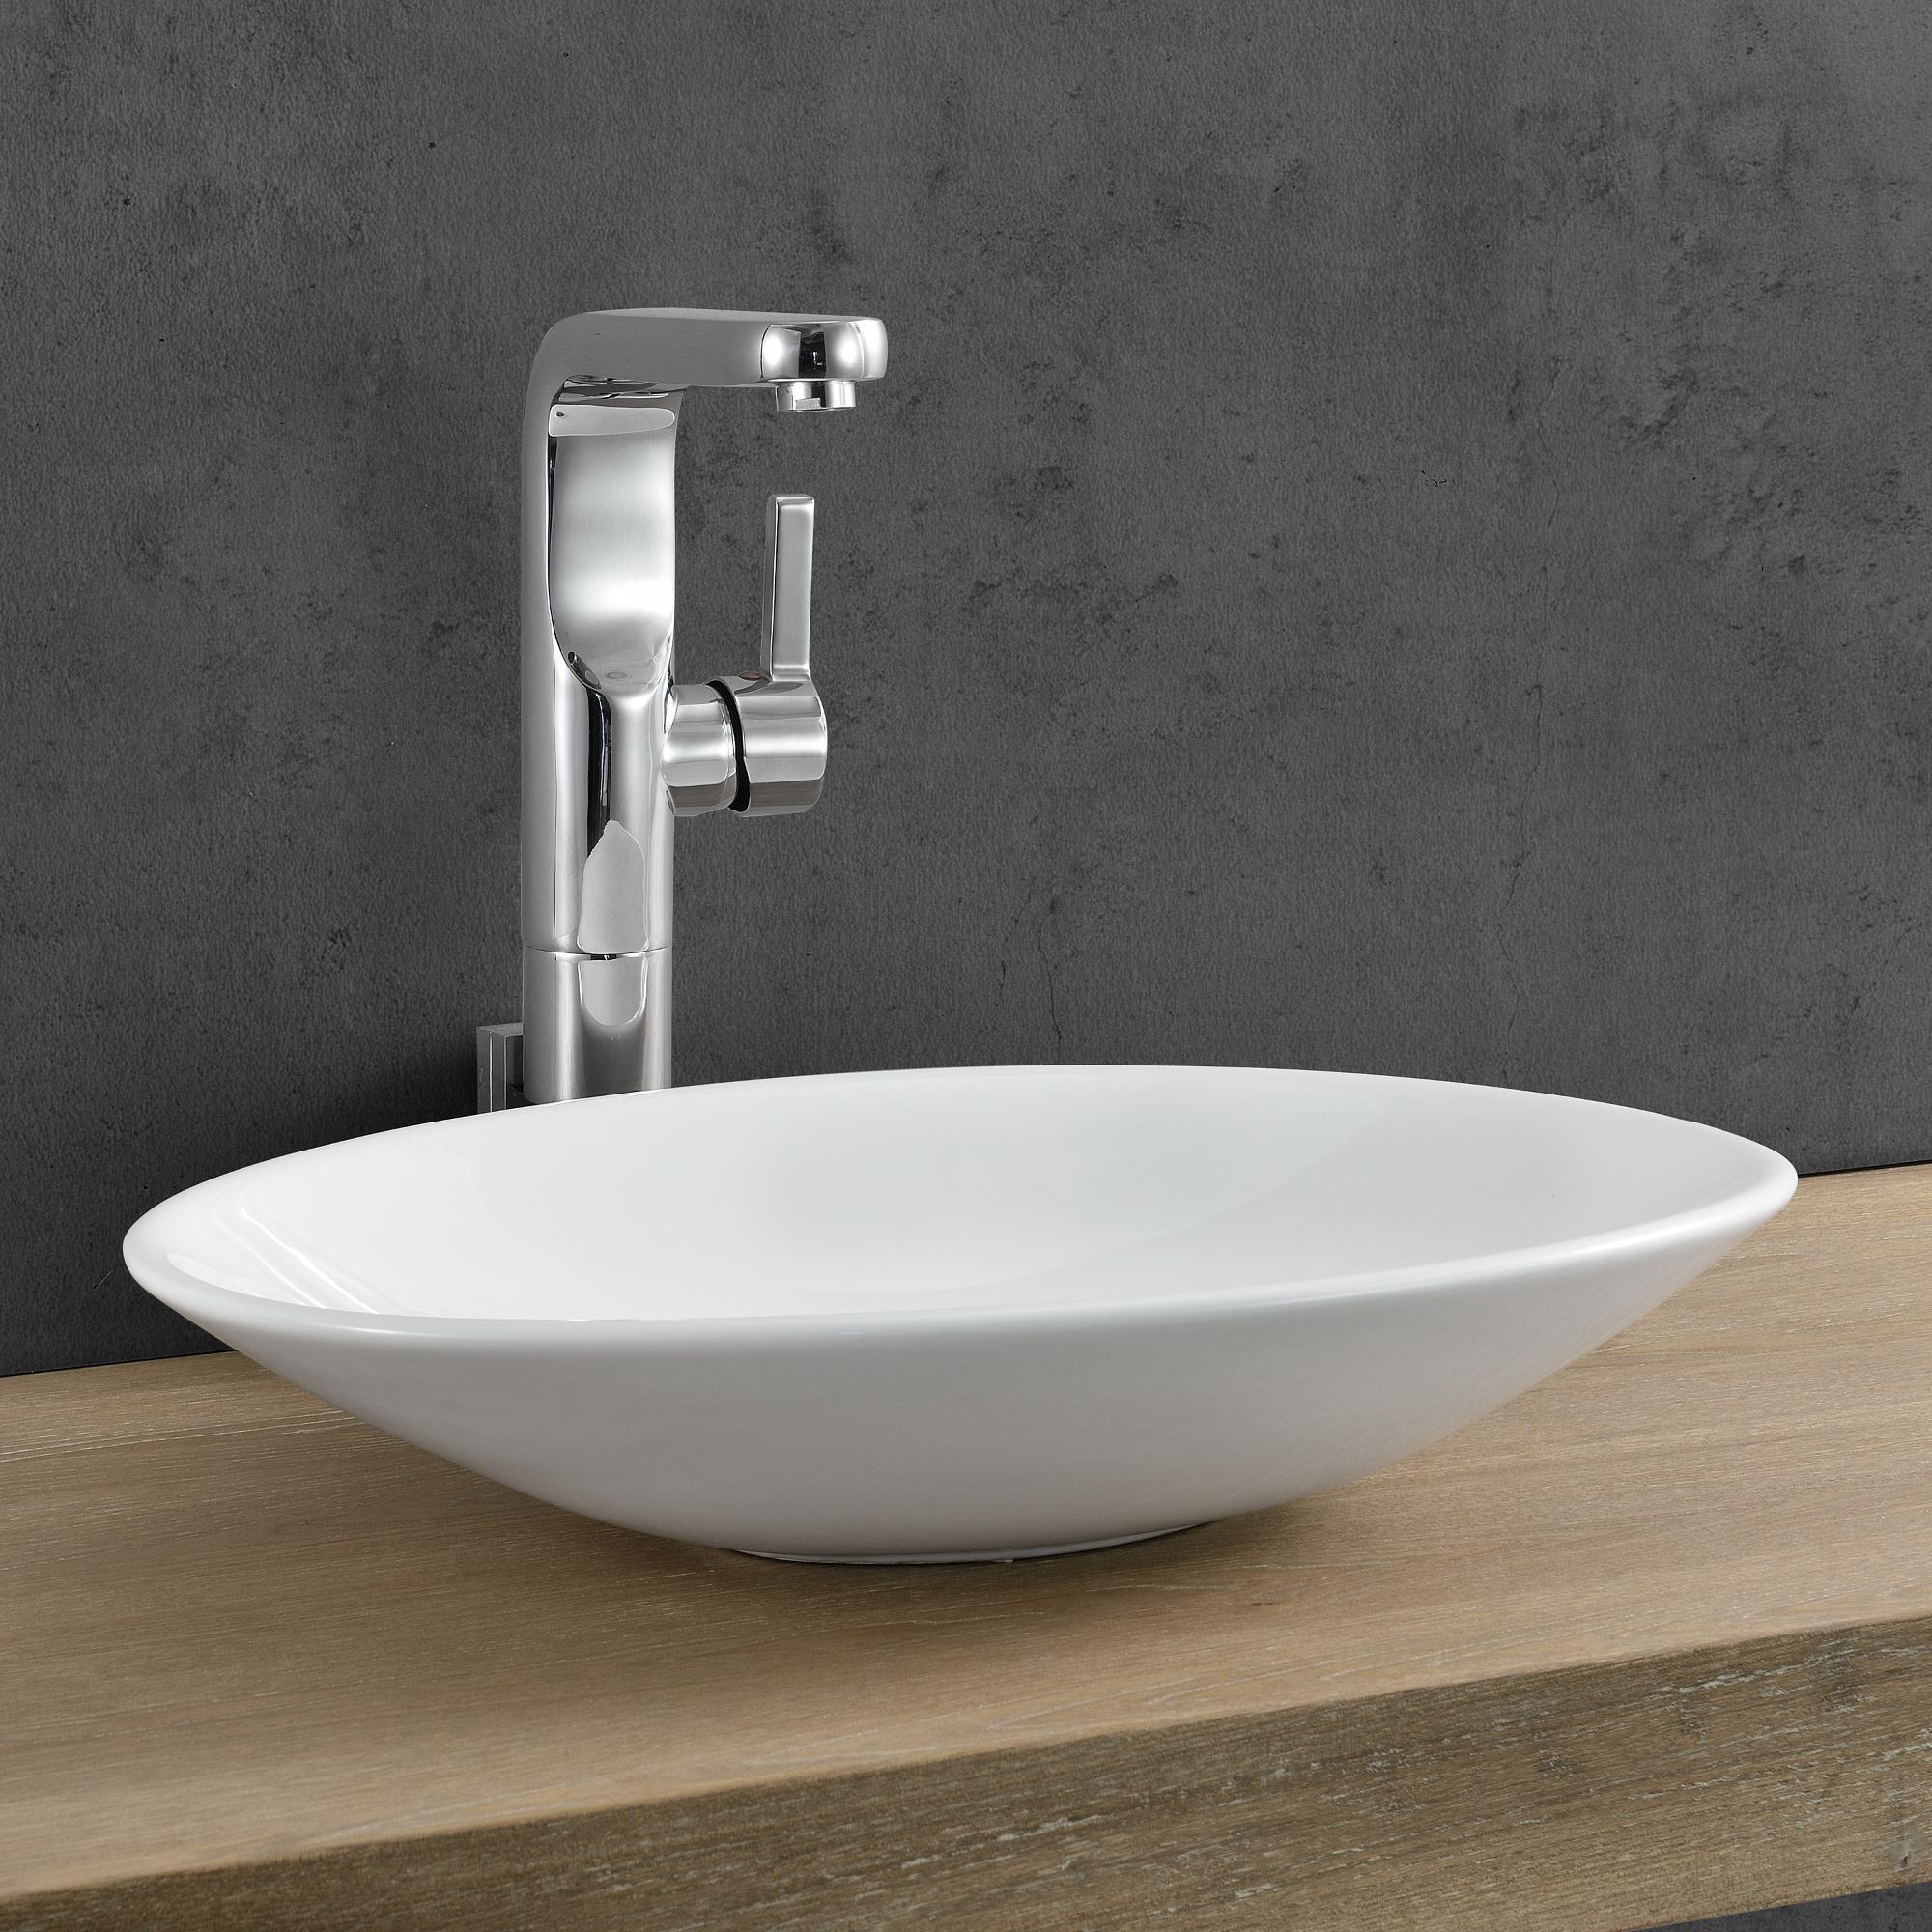 waschbecken oval aufsatz durovin luxury ceramic basin bowl modern design hand wash. Black Bedroom Furniture Sets. Home Design Ideas